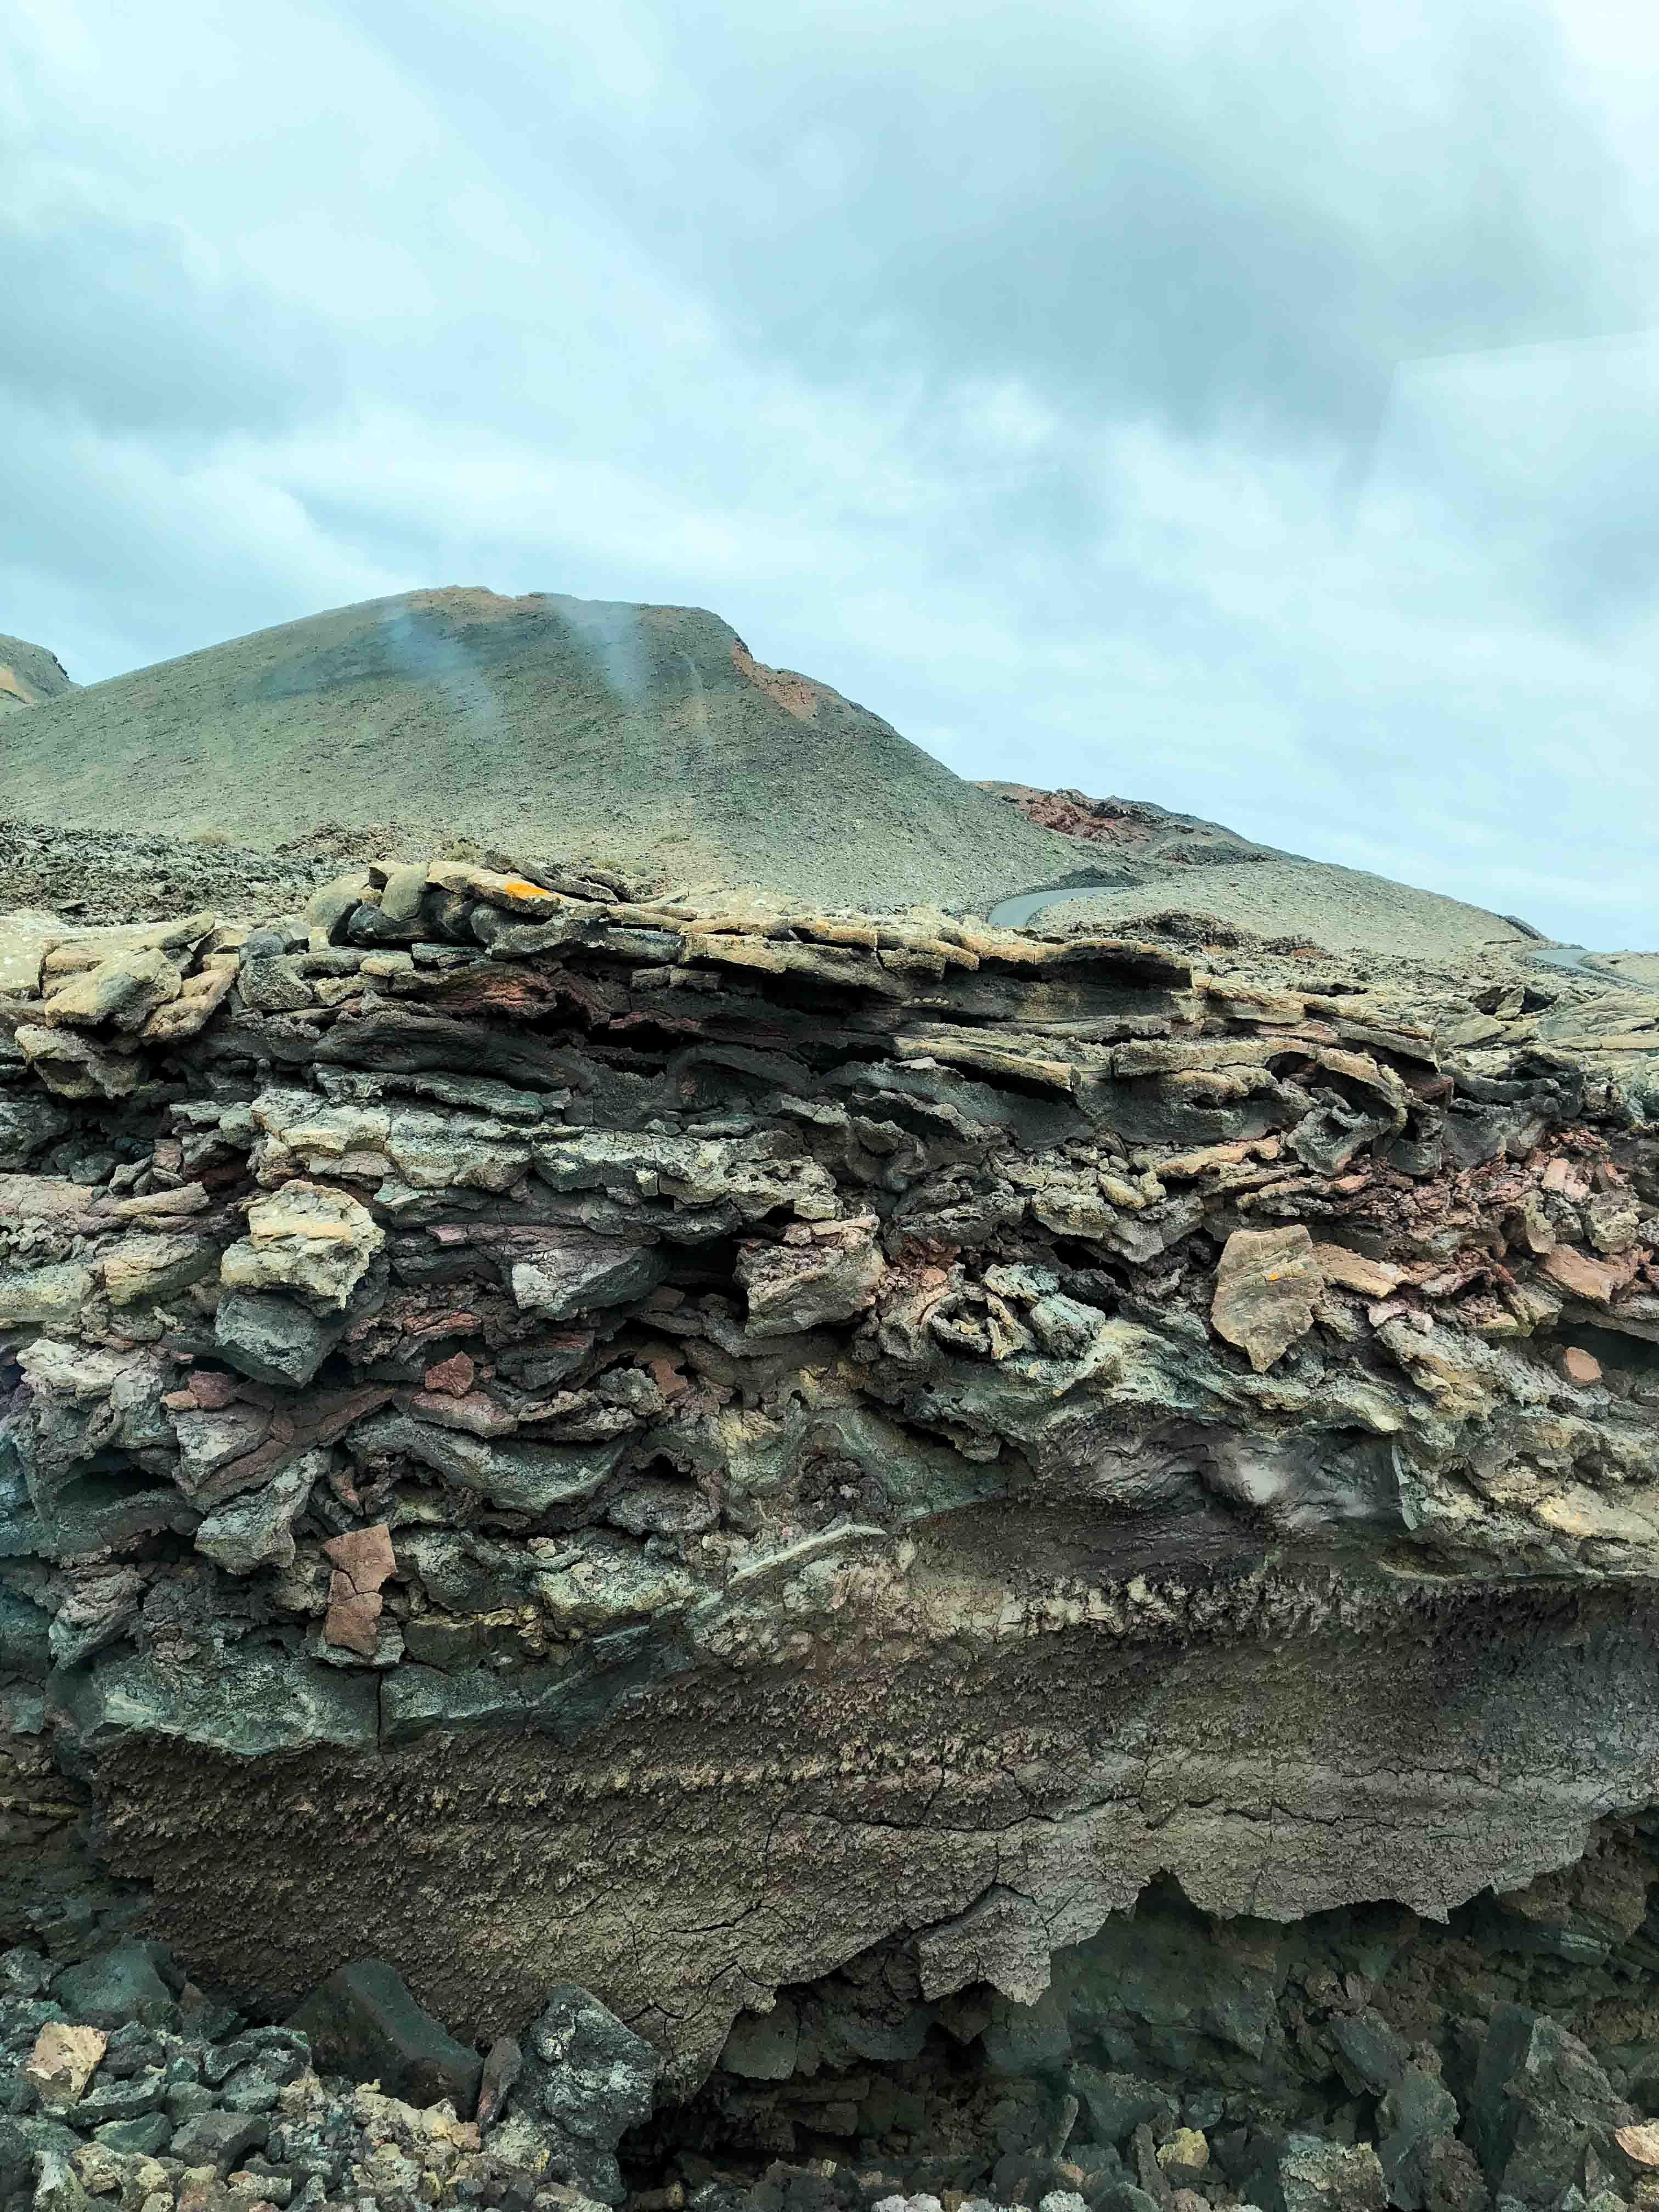 Timanfaya National Park Vulkanlandschaft die Feuerberge Lava Asche Top 10 Tipps Lanzarote Sehenswürdigkeiten Insider Tipps Lanzarote Spanien 2